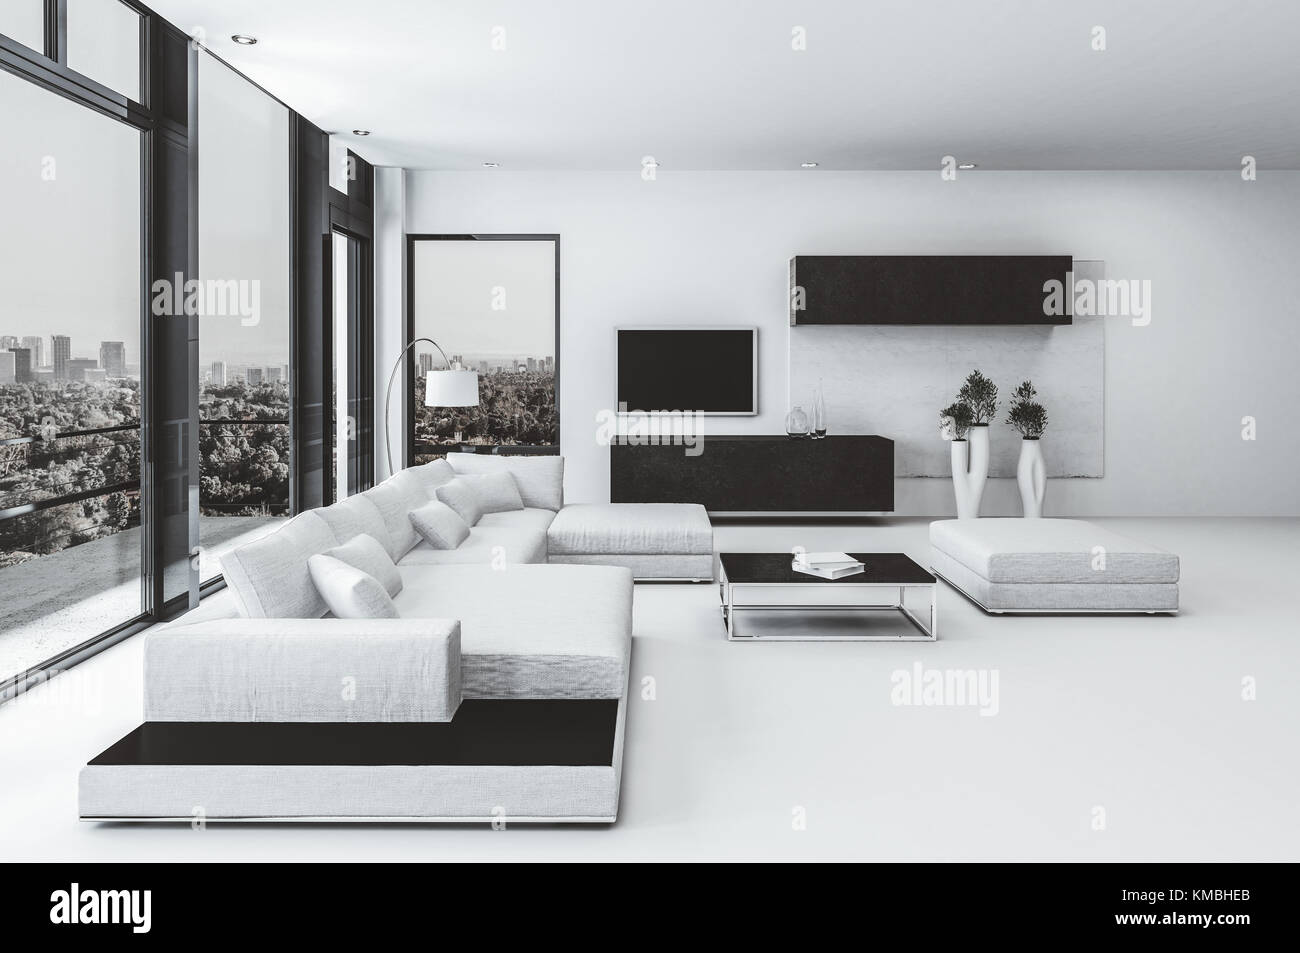 GroBartig Moderner Luxus Wohnzimmer Interieur In Schwarz Und Weiß Gehalten Und Ein  Modulares Lounge Suite Und Große Fenster Mit Blick Auf Eine Stadt Mit Einer  Tür Zu ...